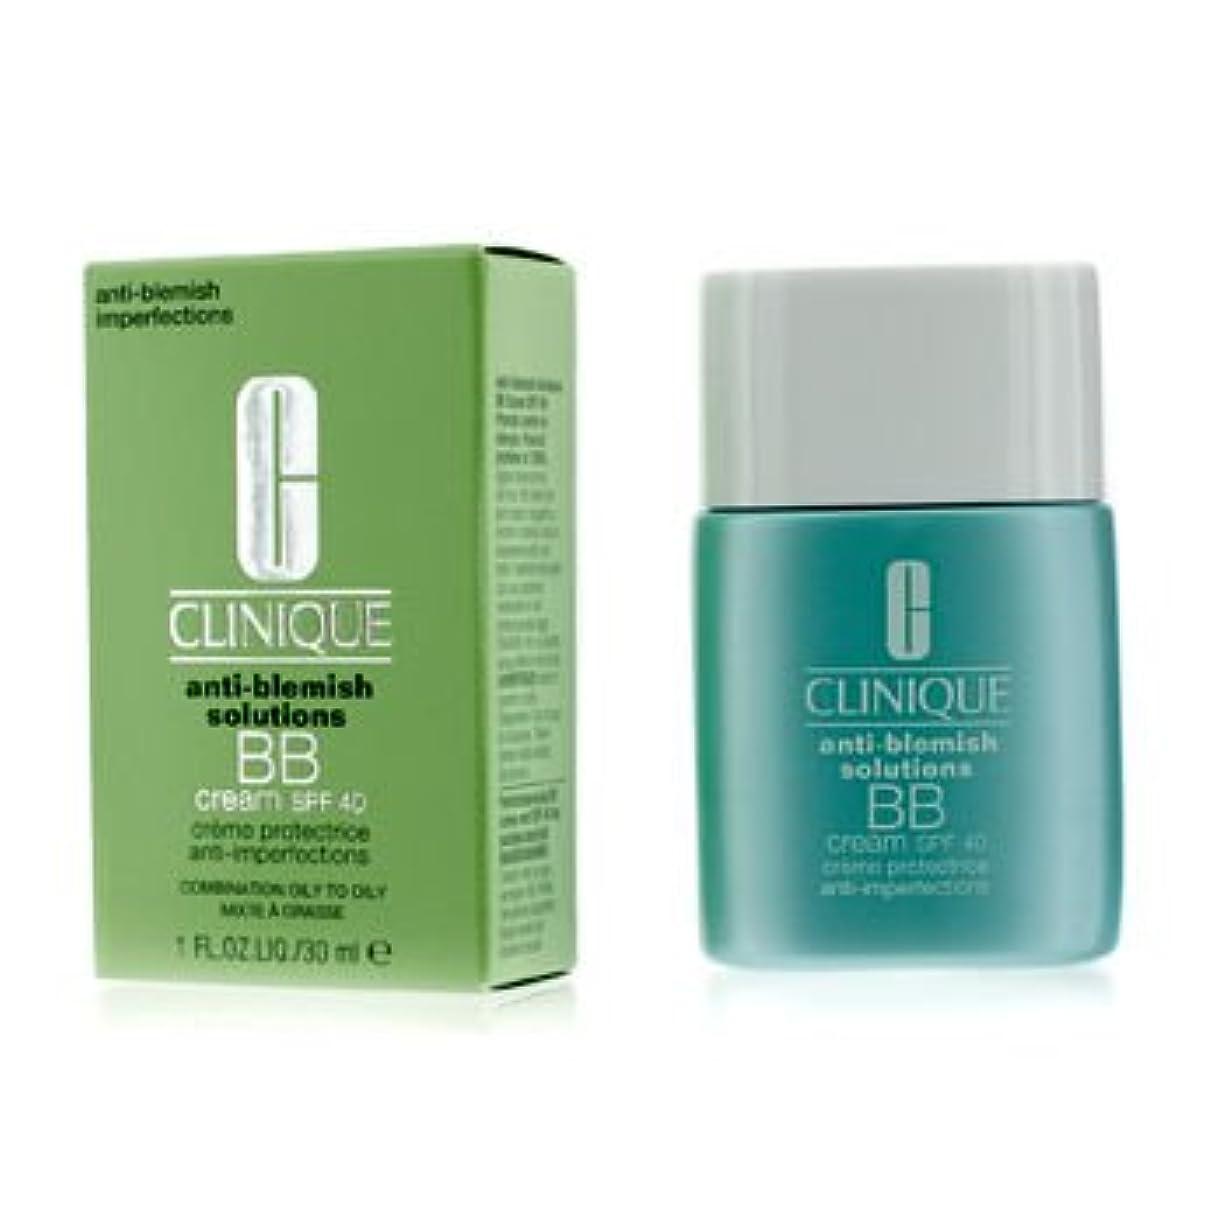 退院熟達幸運なことに[Clinique] Anti-Blemish Solutions BB Cream SPF 40 - Light Medium (Combination Oily to Oily) 30ml/1oz